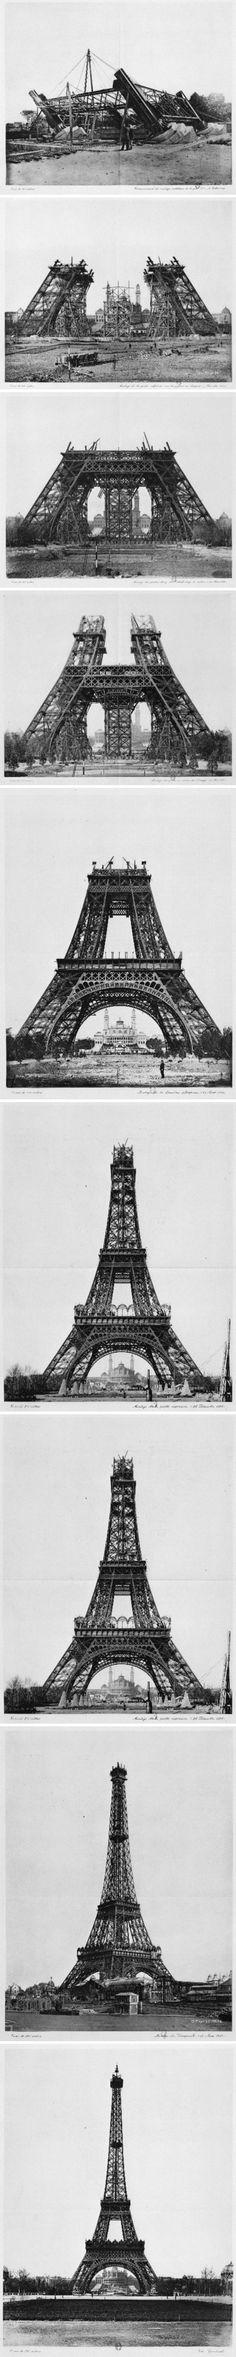 (C) Ça fait bateau mais on garde ce montage Pinterest des étapes de la construction de la Tour Eiffel #UneSource